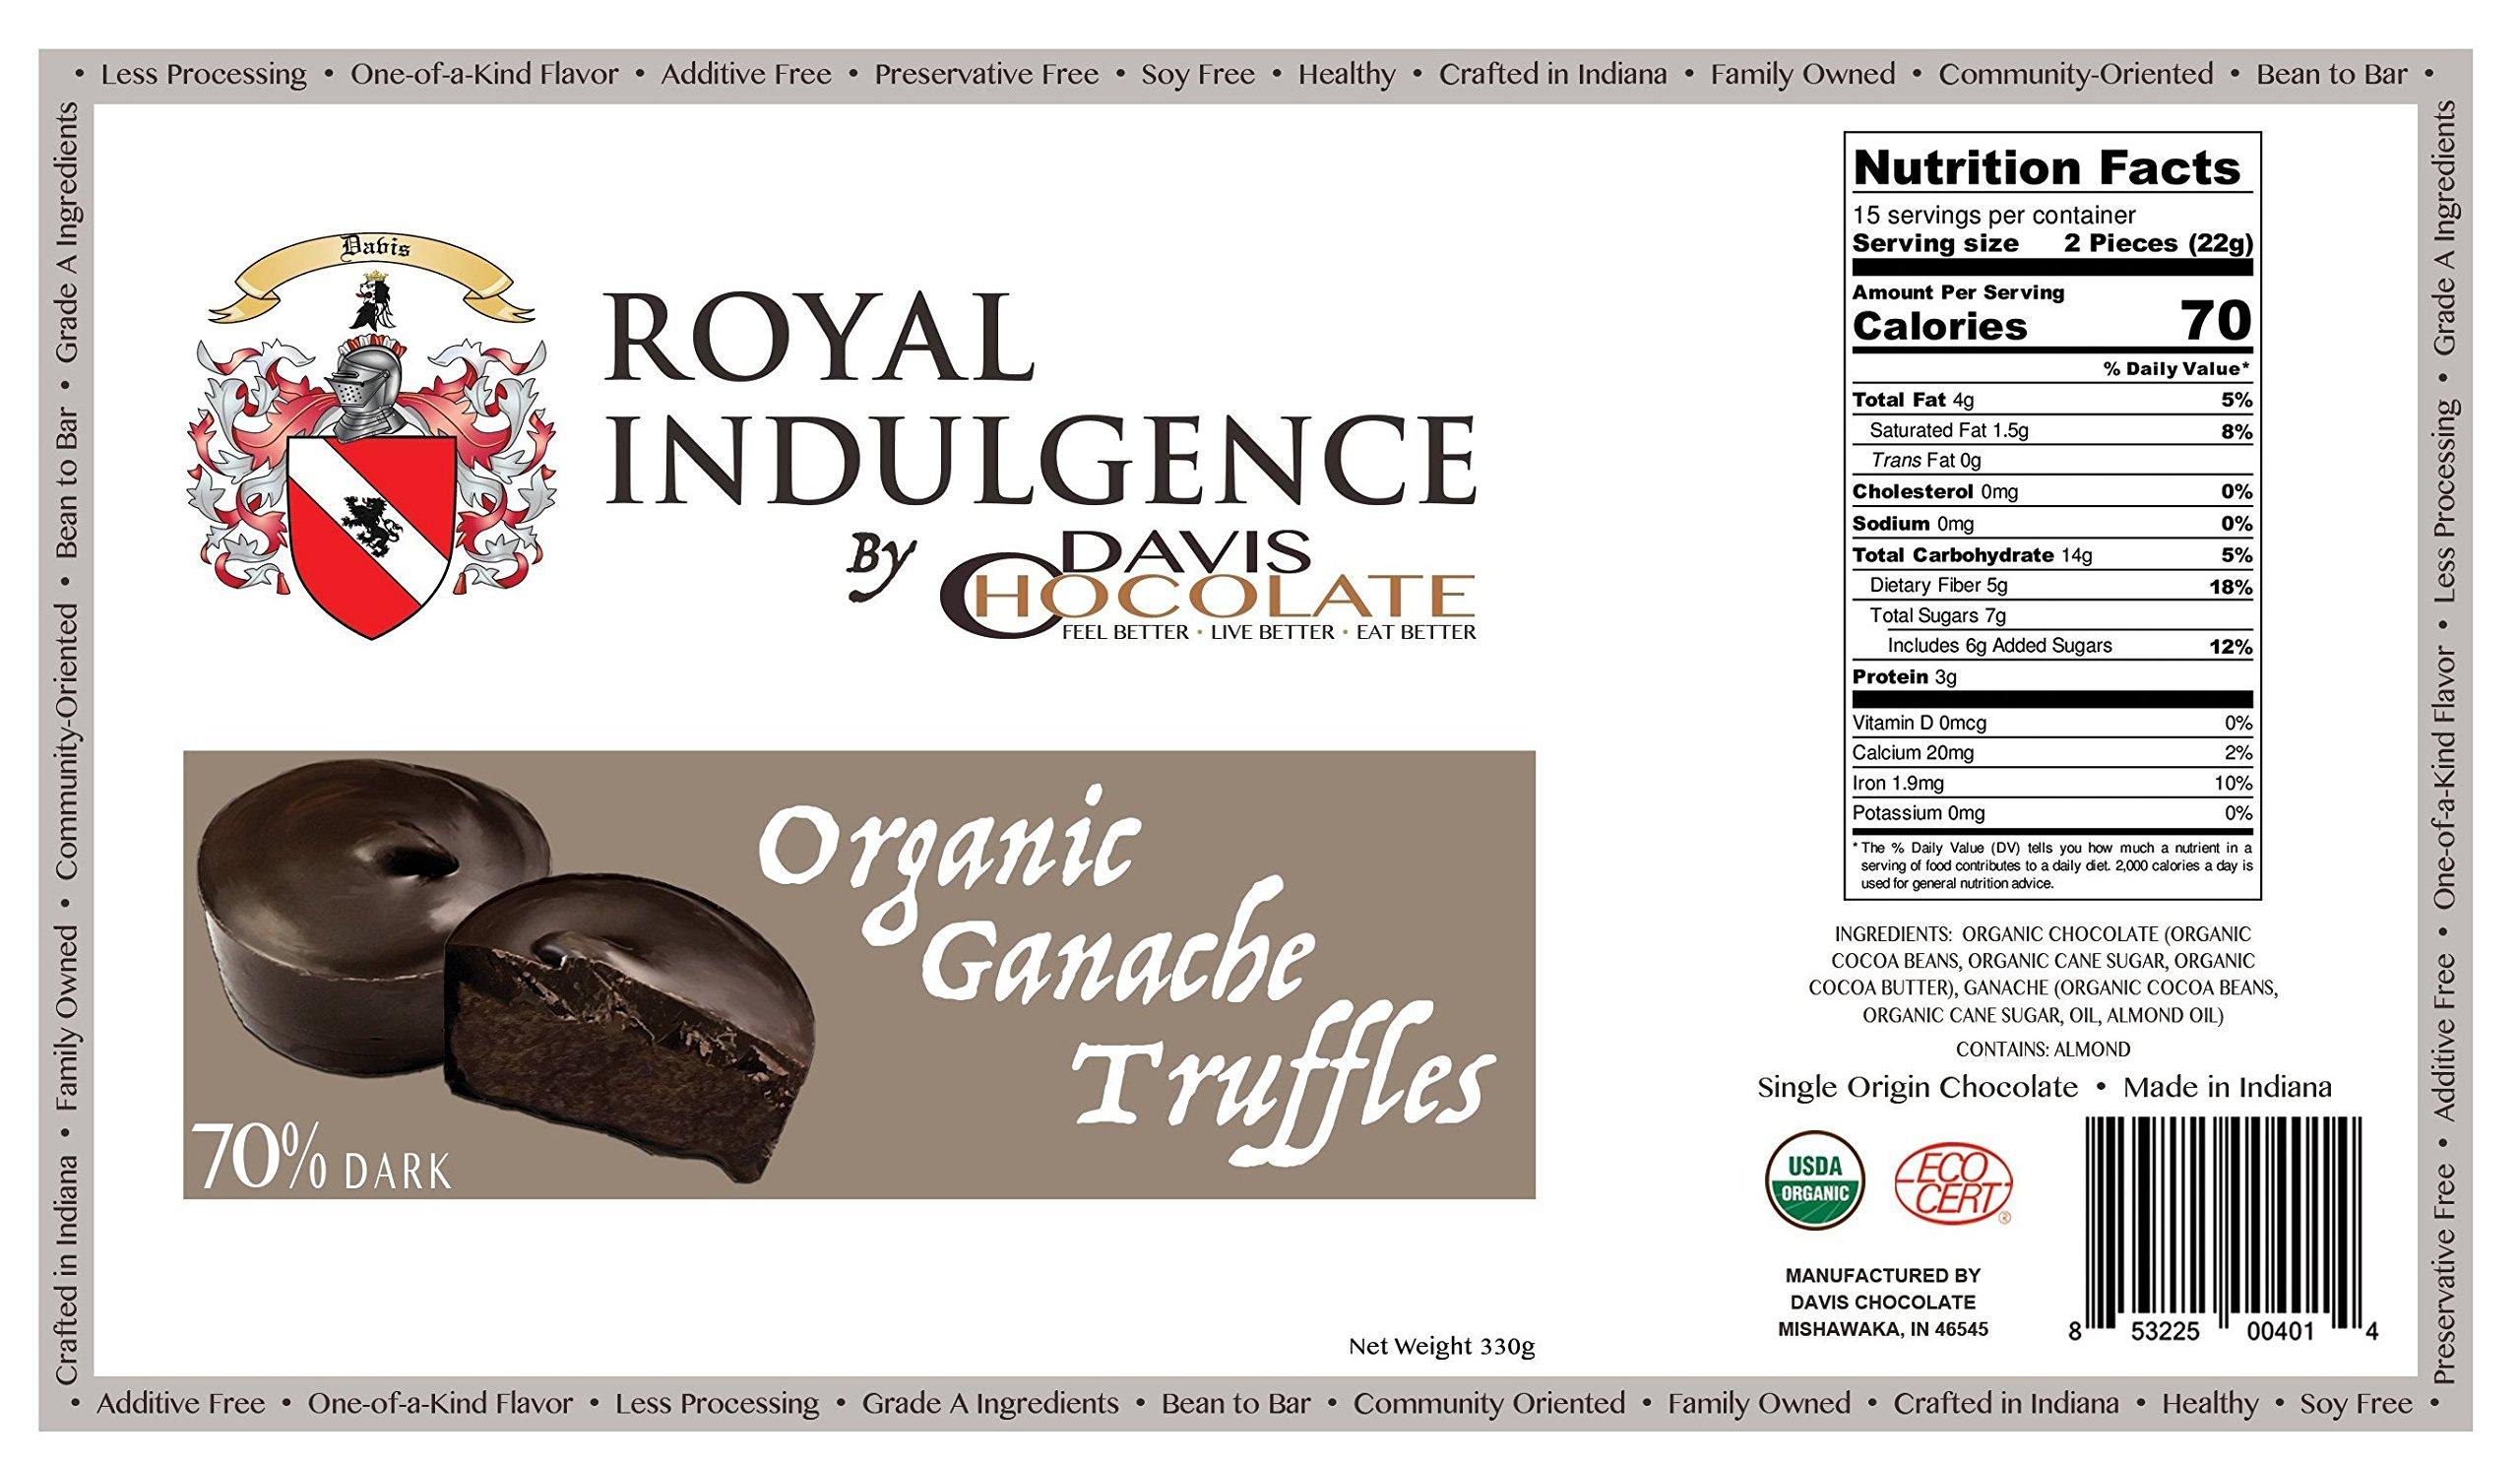 Royal Indulgence 70% DARK CHOCOLATE ORGANIC GANACHE TRUFFLES